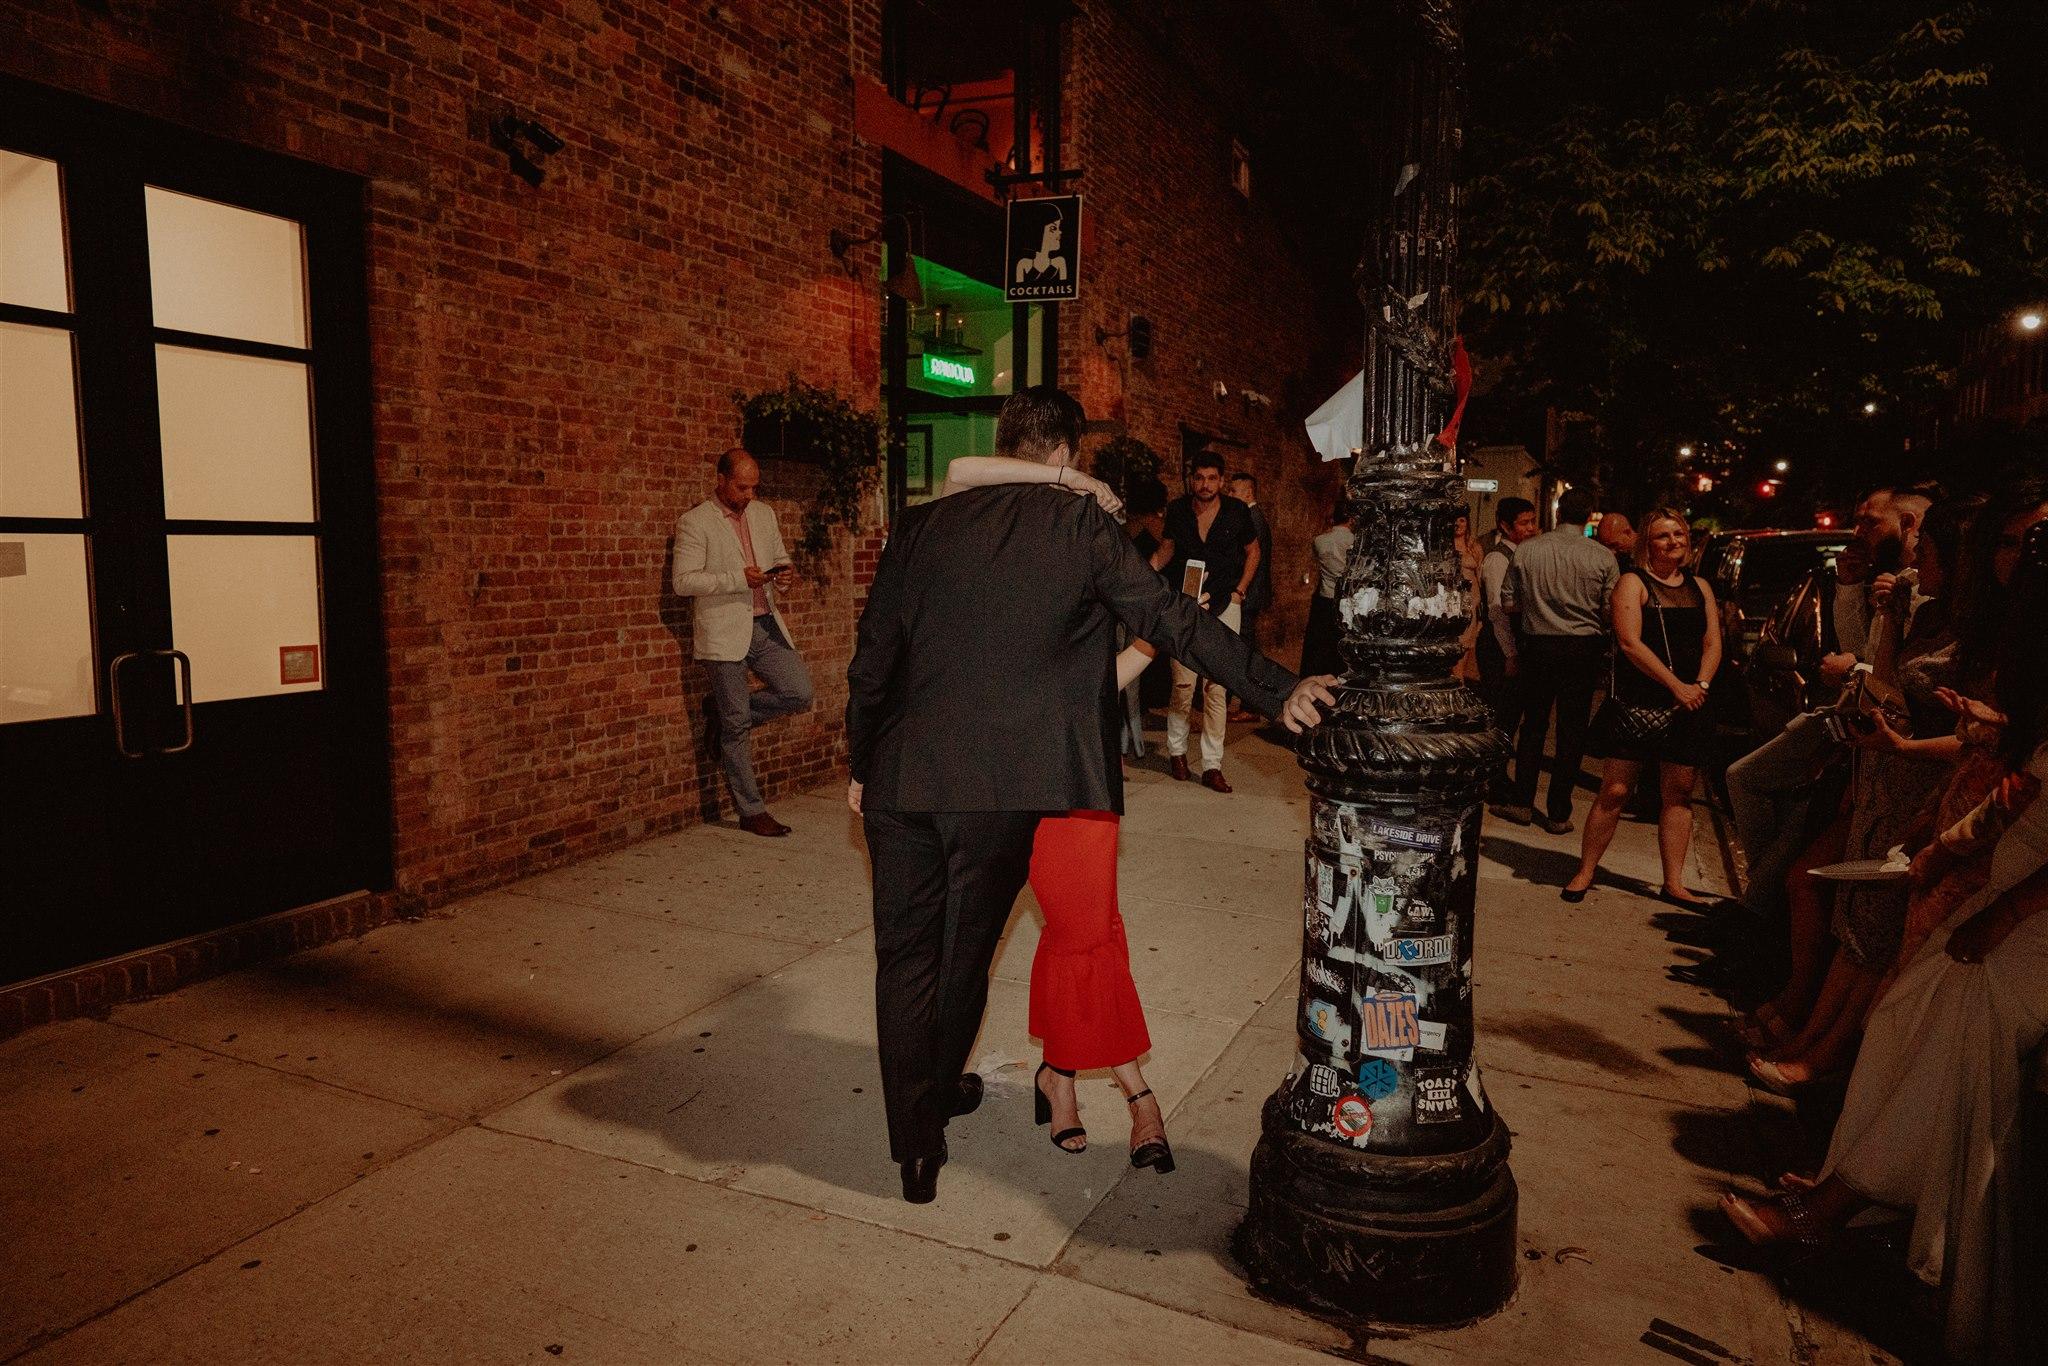 Chellise_Michael_Photography_Ramona_Brooklyn_Wedding_Photographer-829.jpg